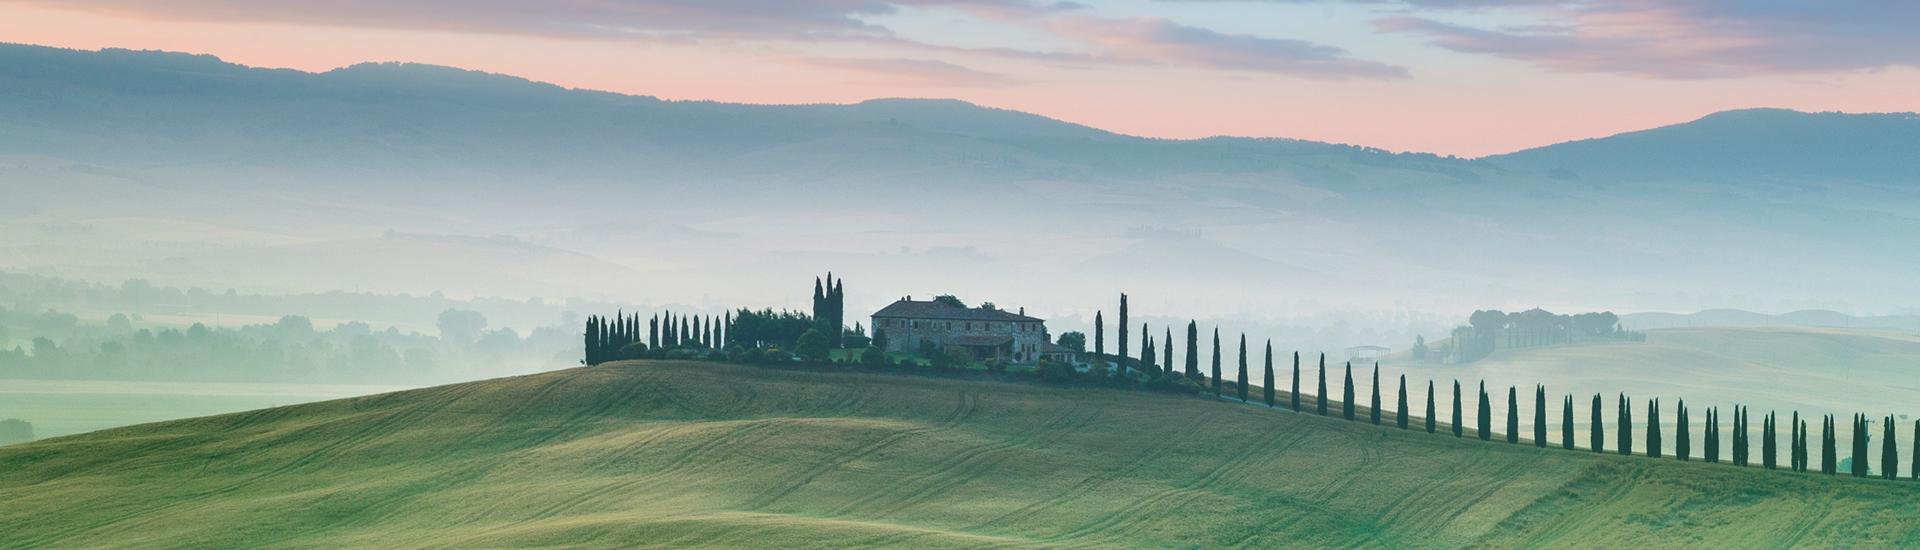 Weine - Hoch prämierte Super Tuscans jetzt um -20%! 11/2017 - Slider